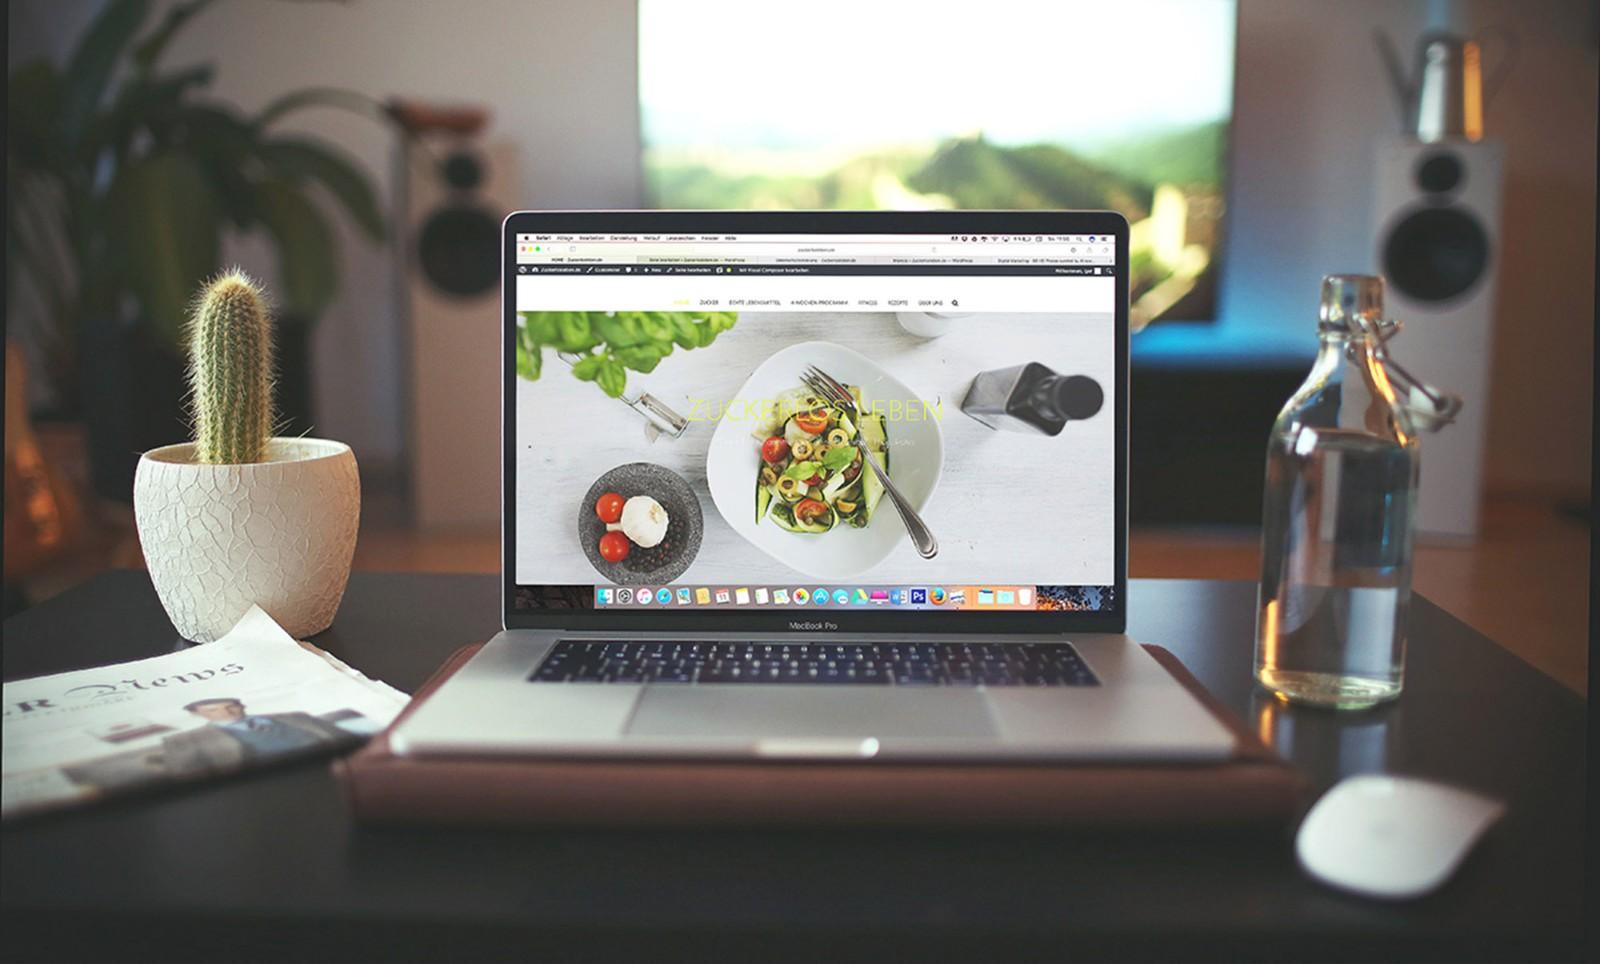 企业如何制作网站才能更符合现代用户审美需求?